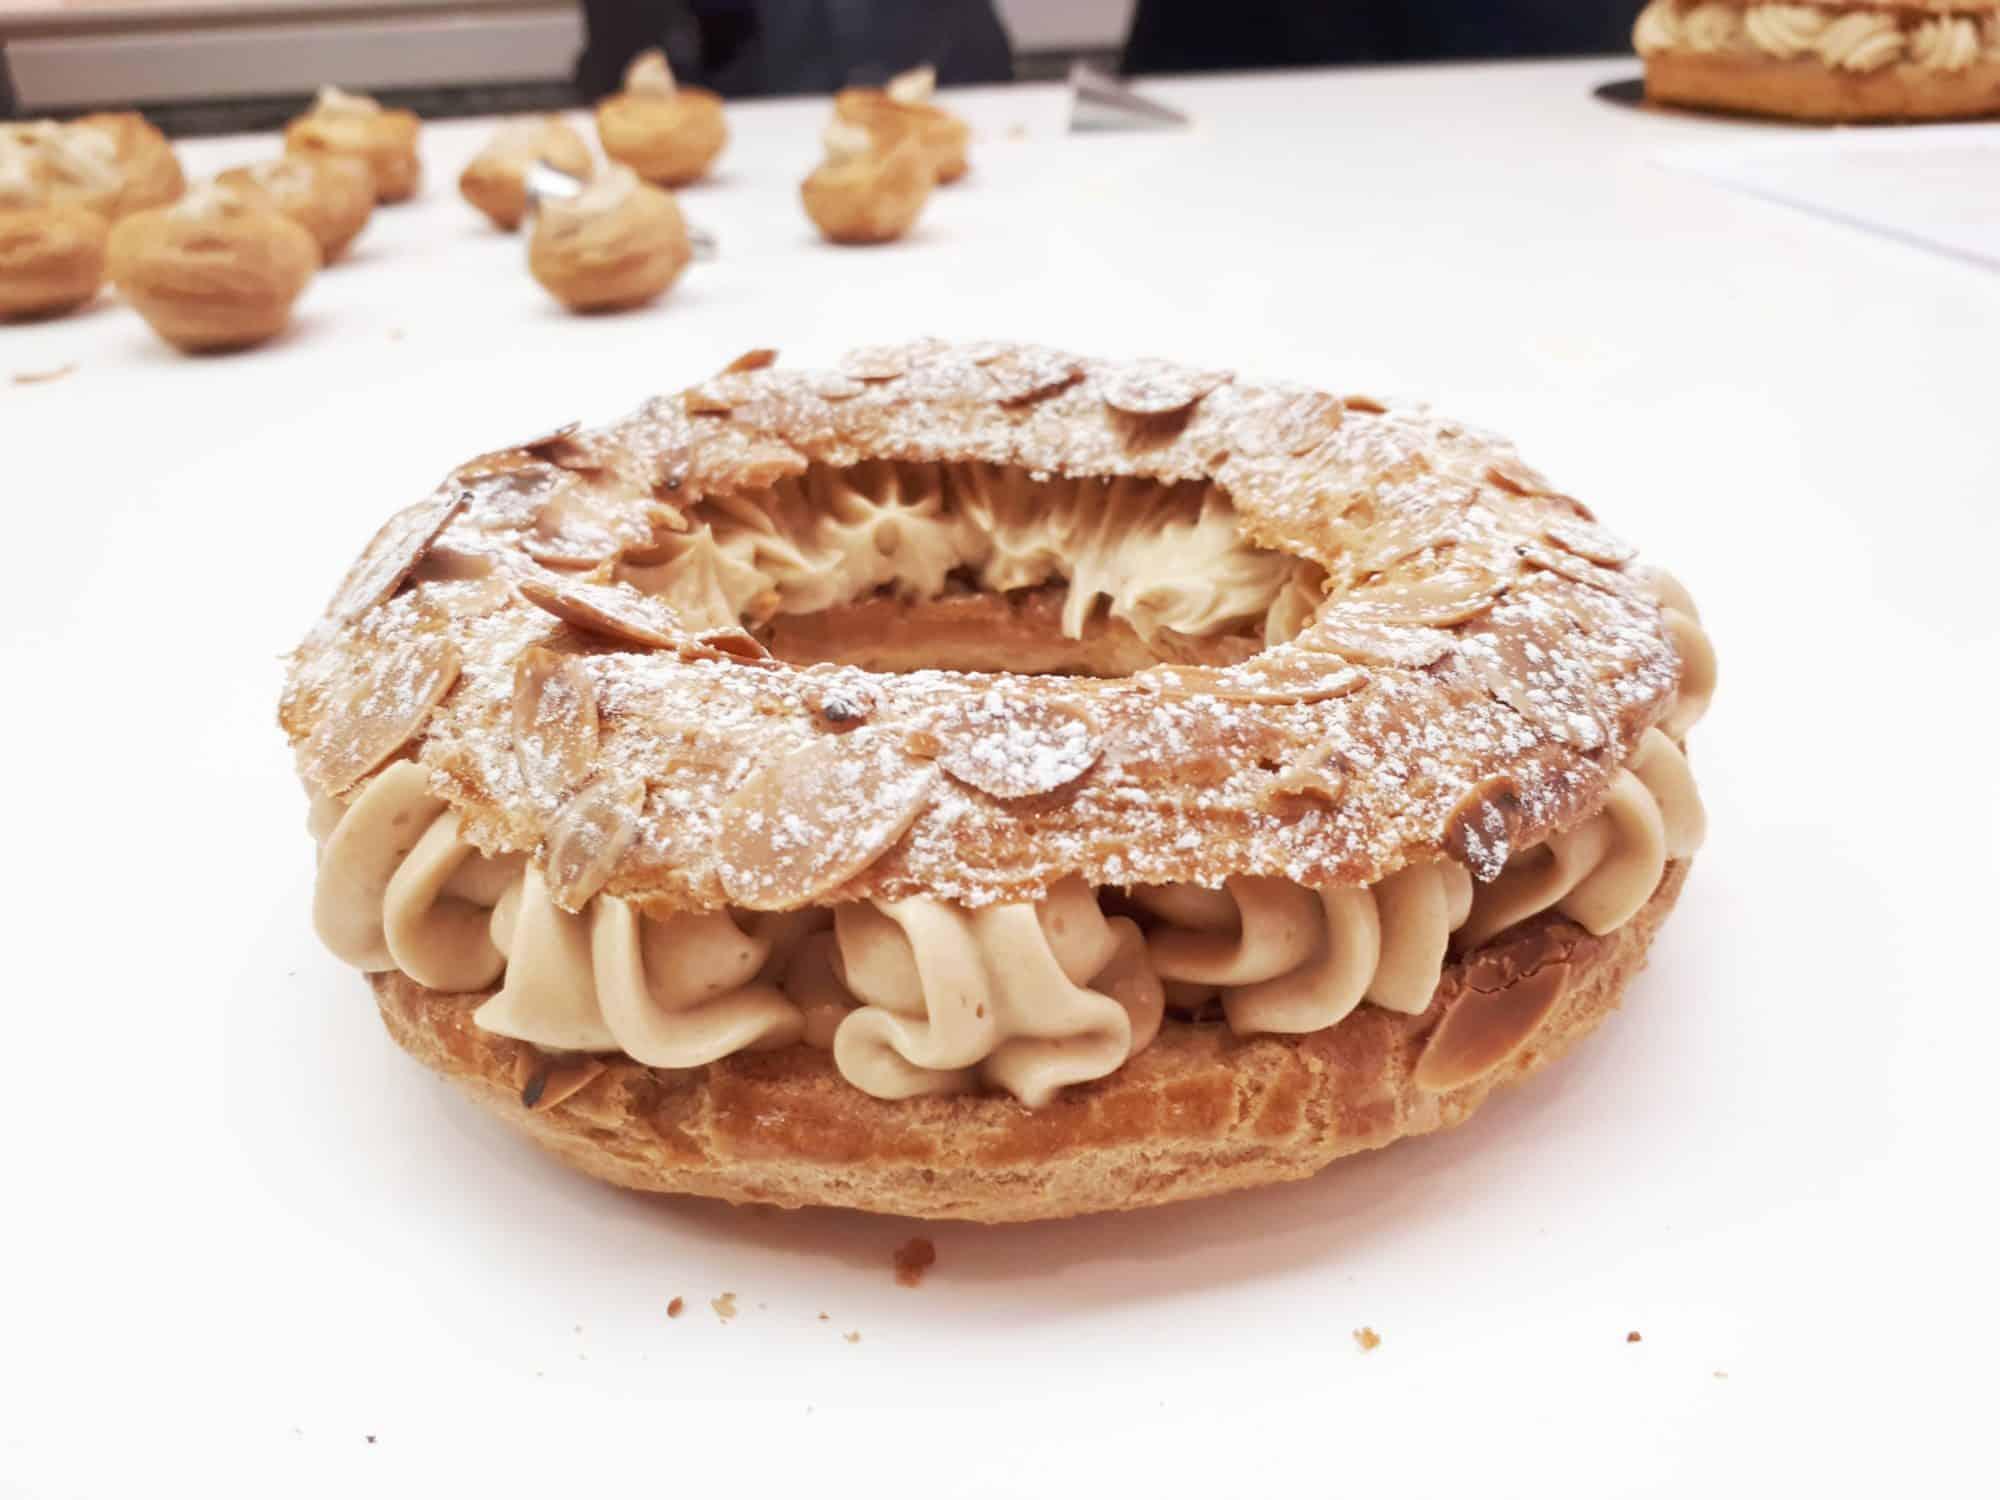 Pate-a-choux-Paris-Brest-cours-pâtisserie-atelier-gourmand-Mygatô-Lyon